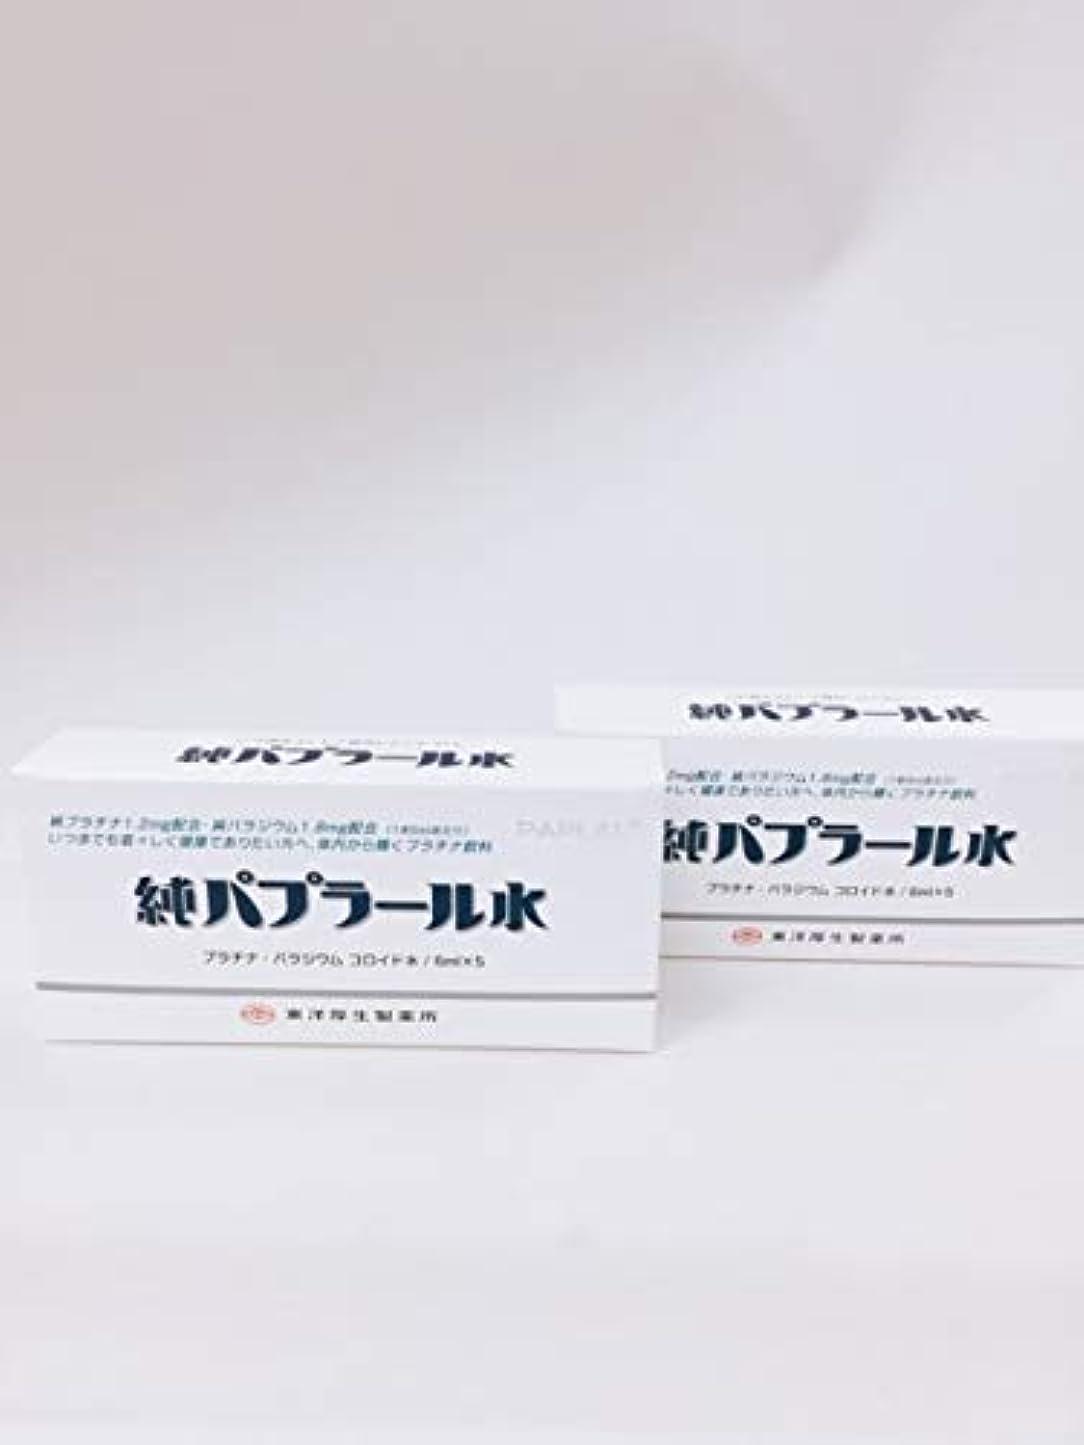 神社誓う請負業者純パプラール水 30ml(6ml×5本)×2箱